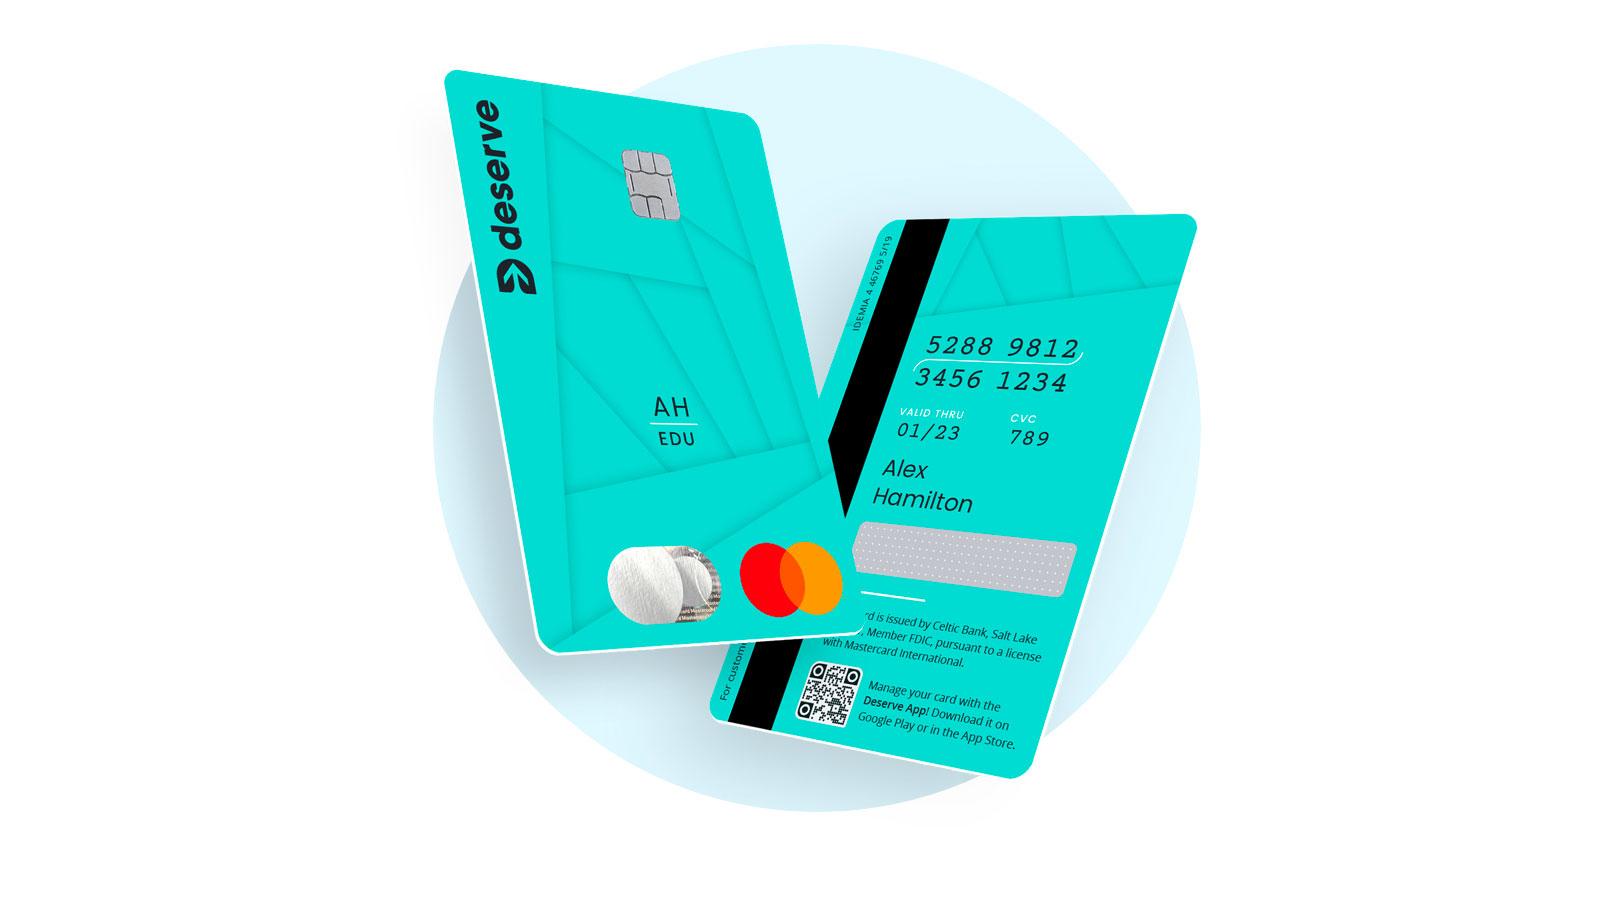 クレジットスコアは不要。AIを活用しクレジットカードの審査を行うDeserve